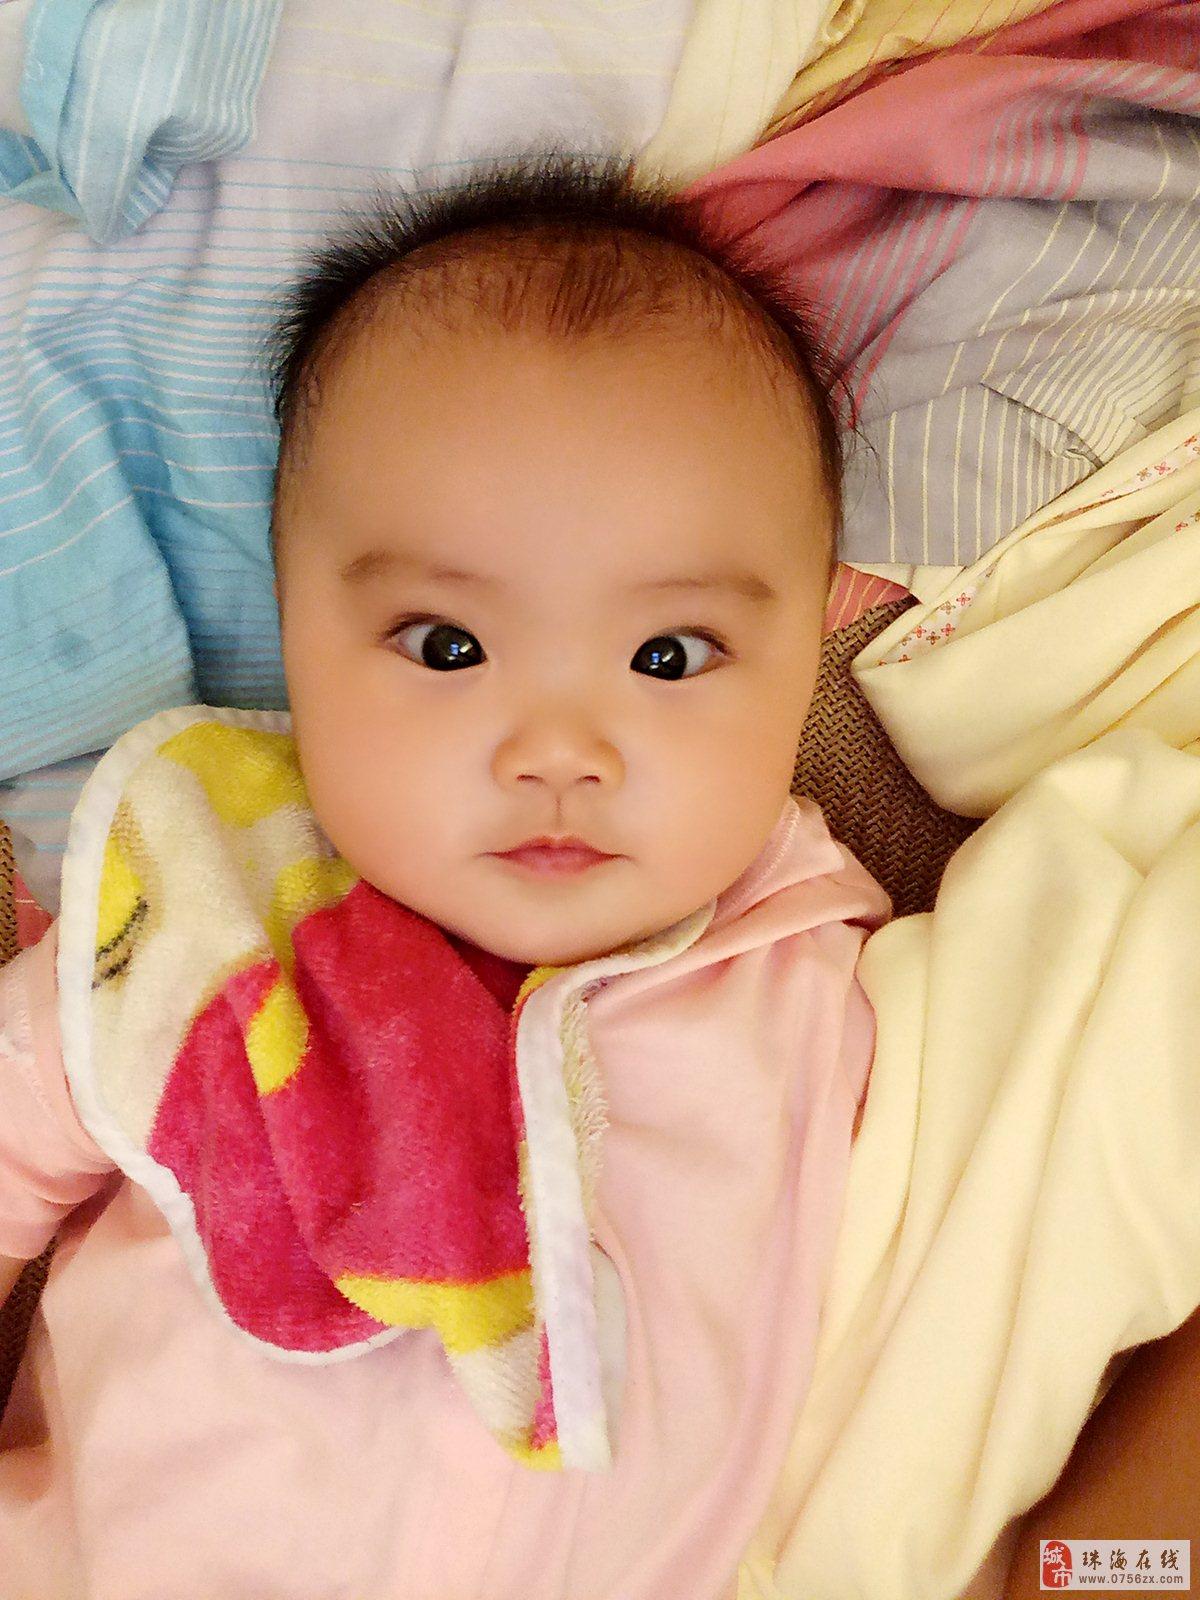 宝宝住院7天 支气管肺炎医院解决不了。幸好知道了它